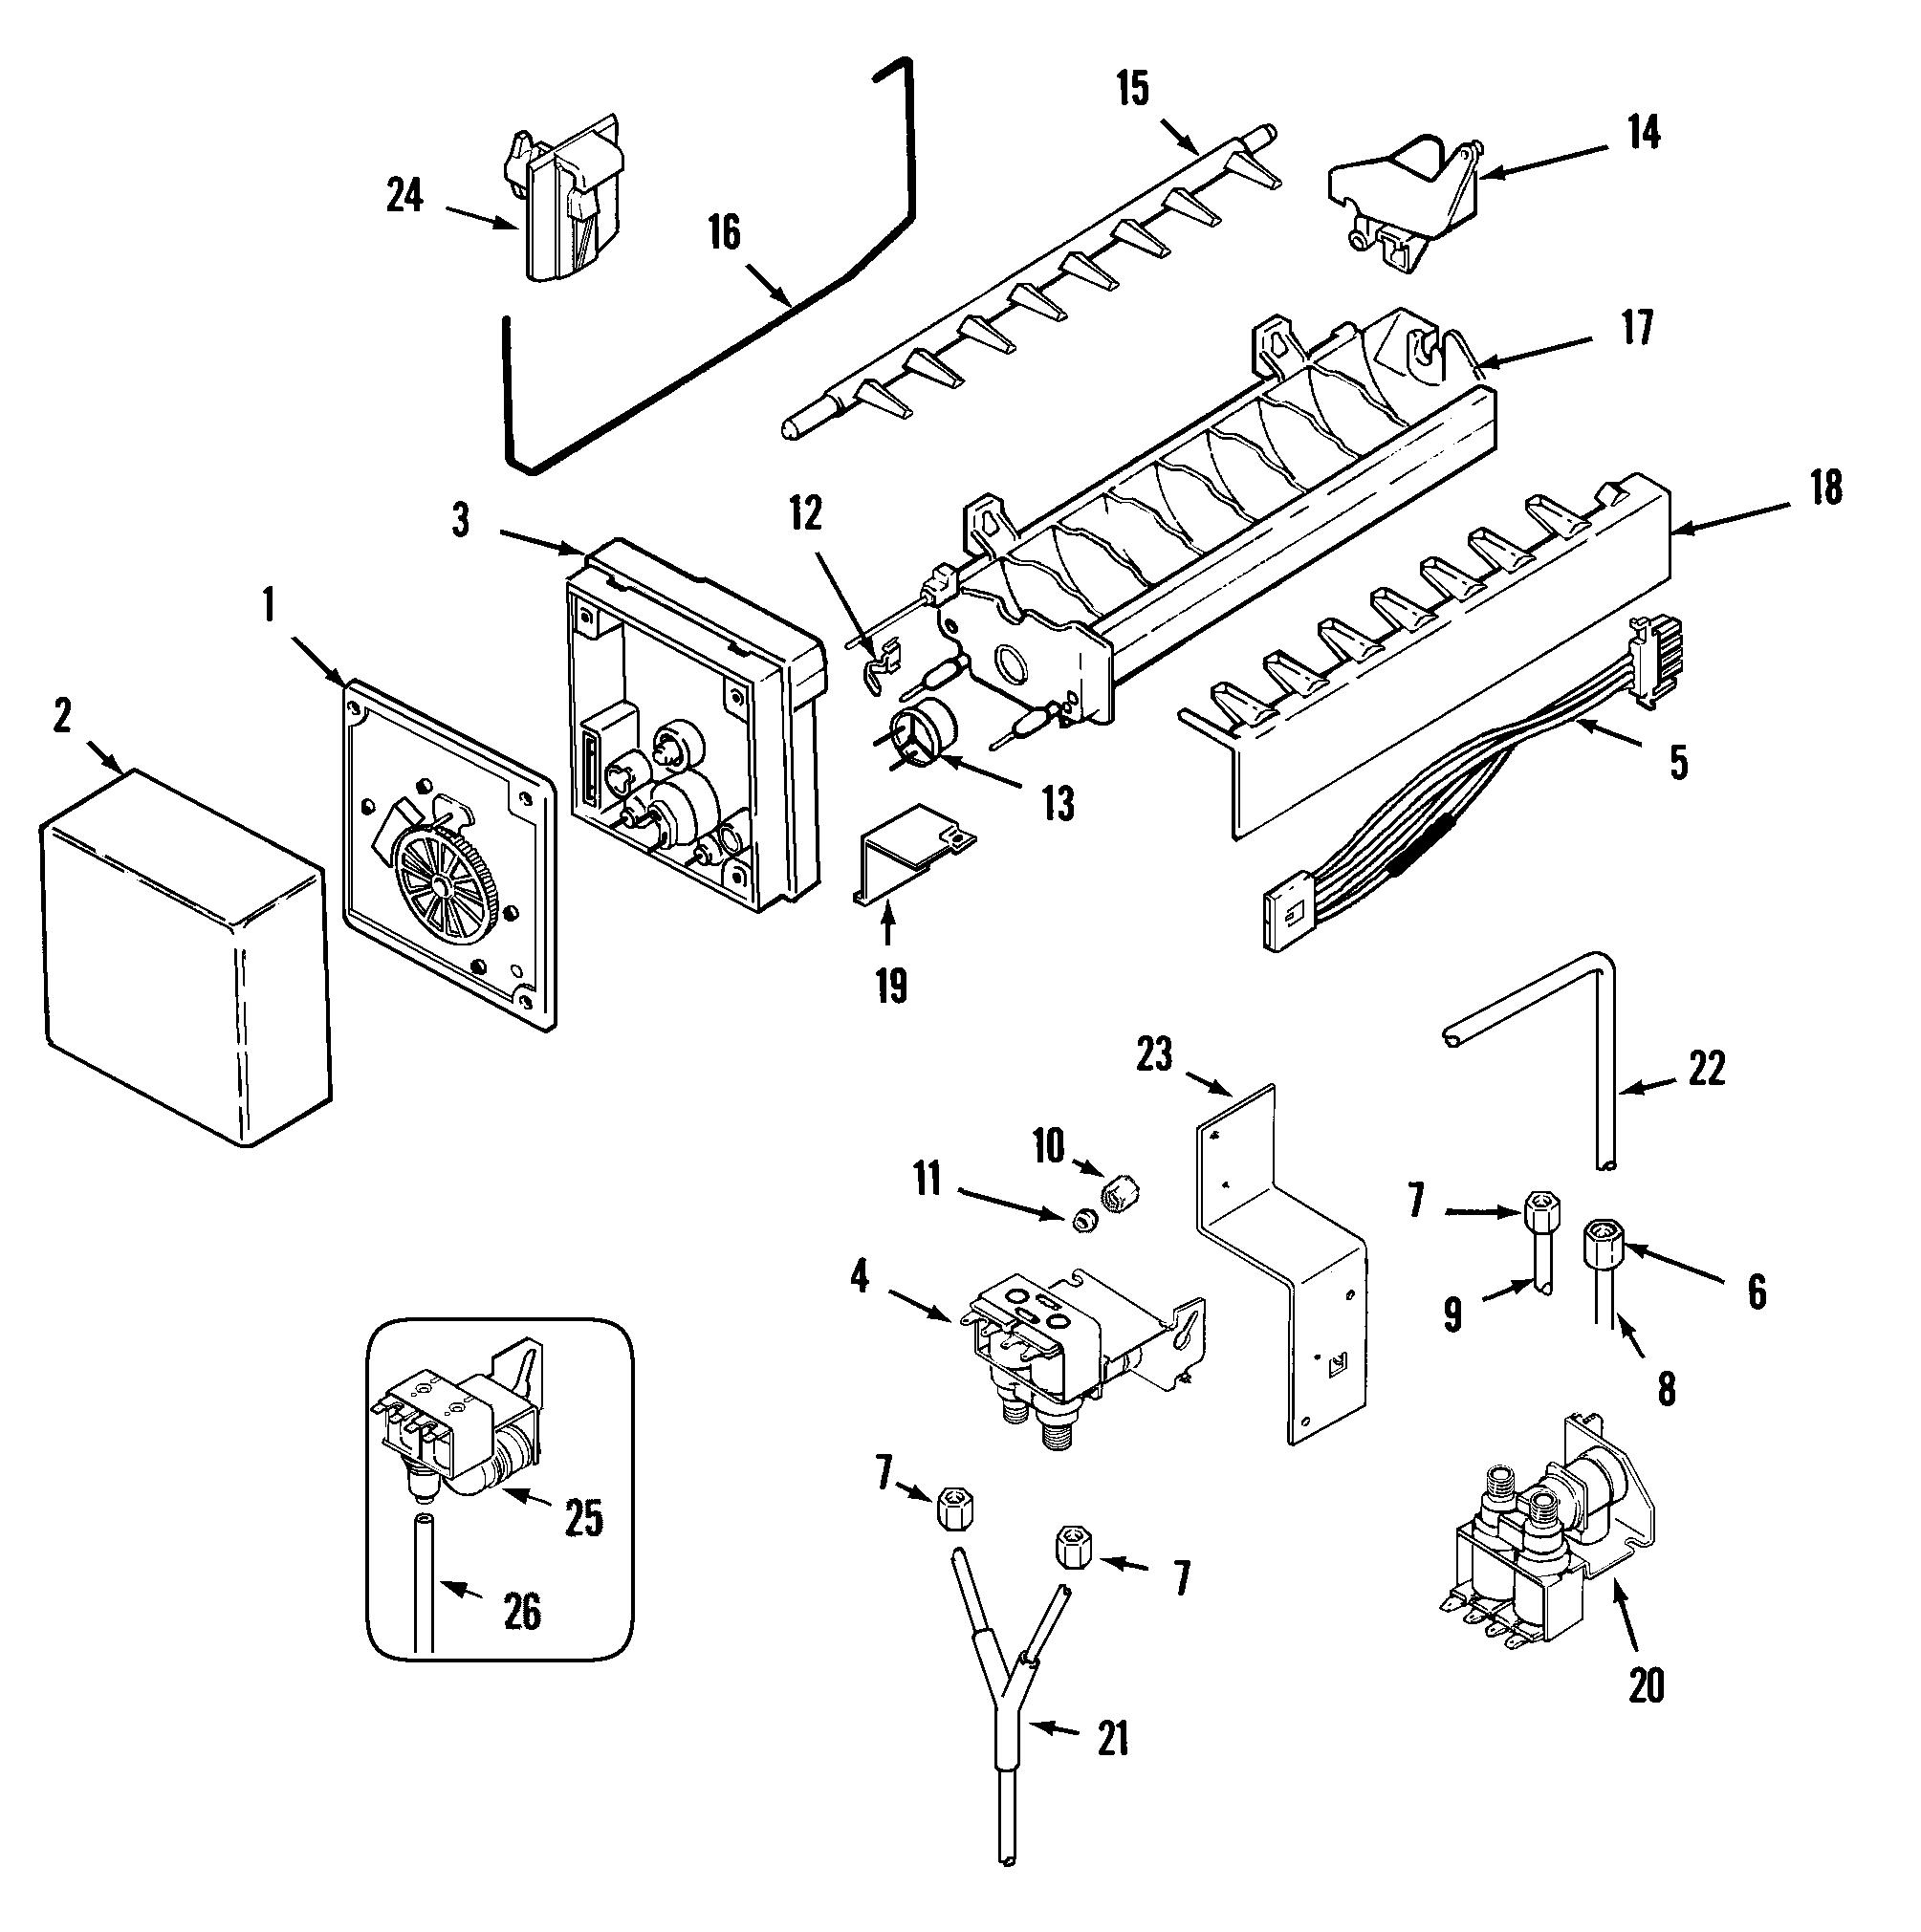 VB_0240] Wiring Diagram Freezerless Refrigerator Schematic Wiring